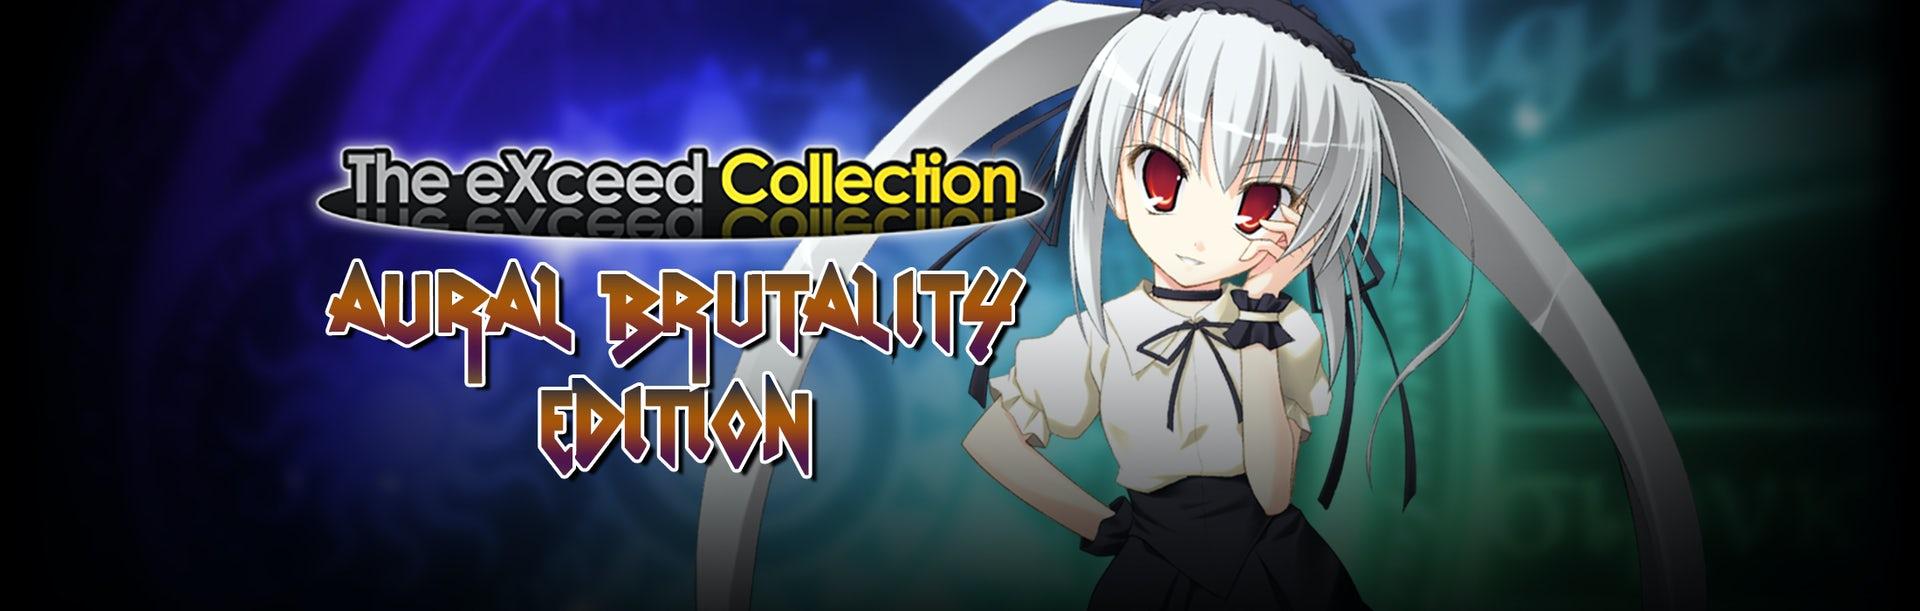 The eXceed Collection: Aural Brutality Edition sur PC (Dématérialisé - Steam)